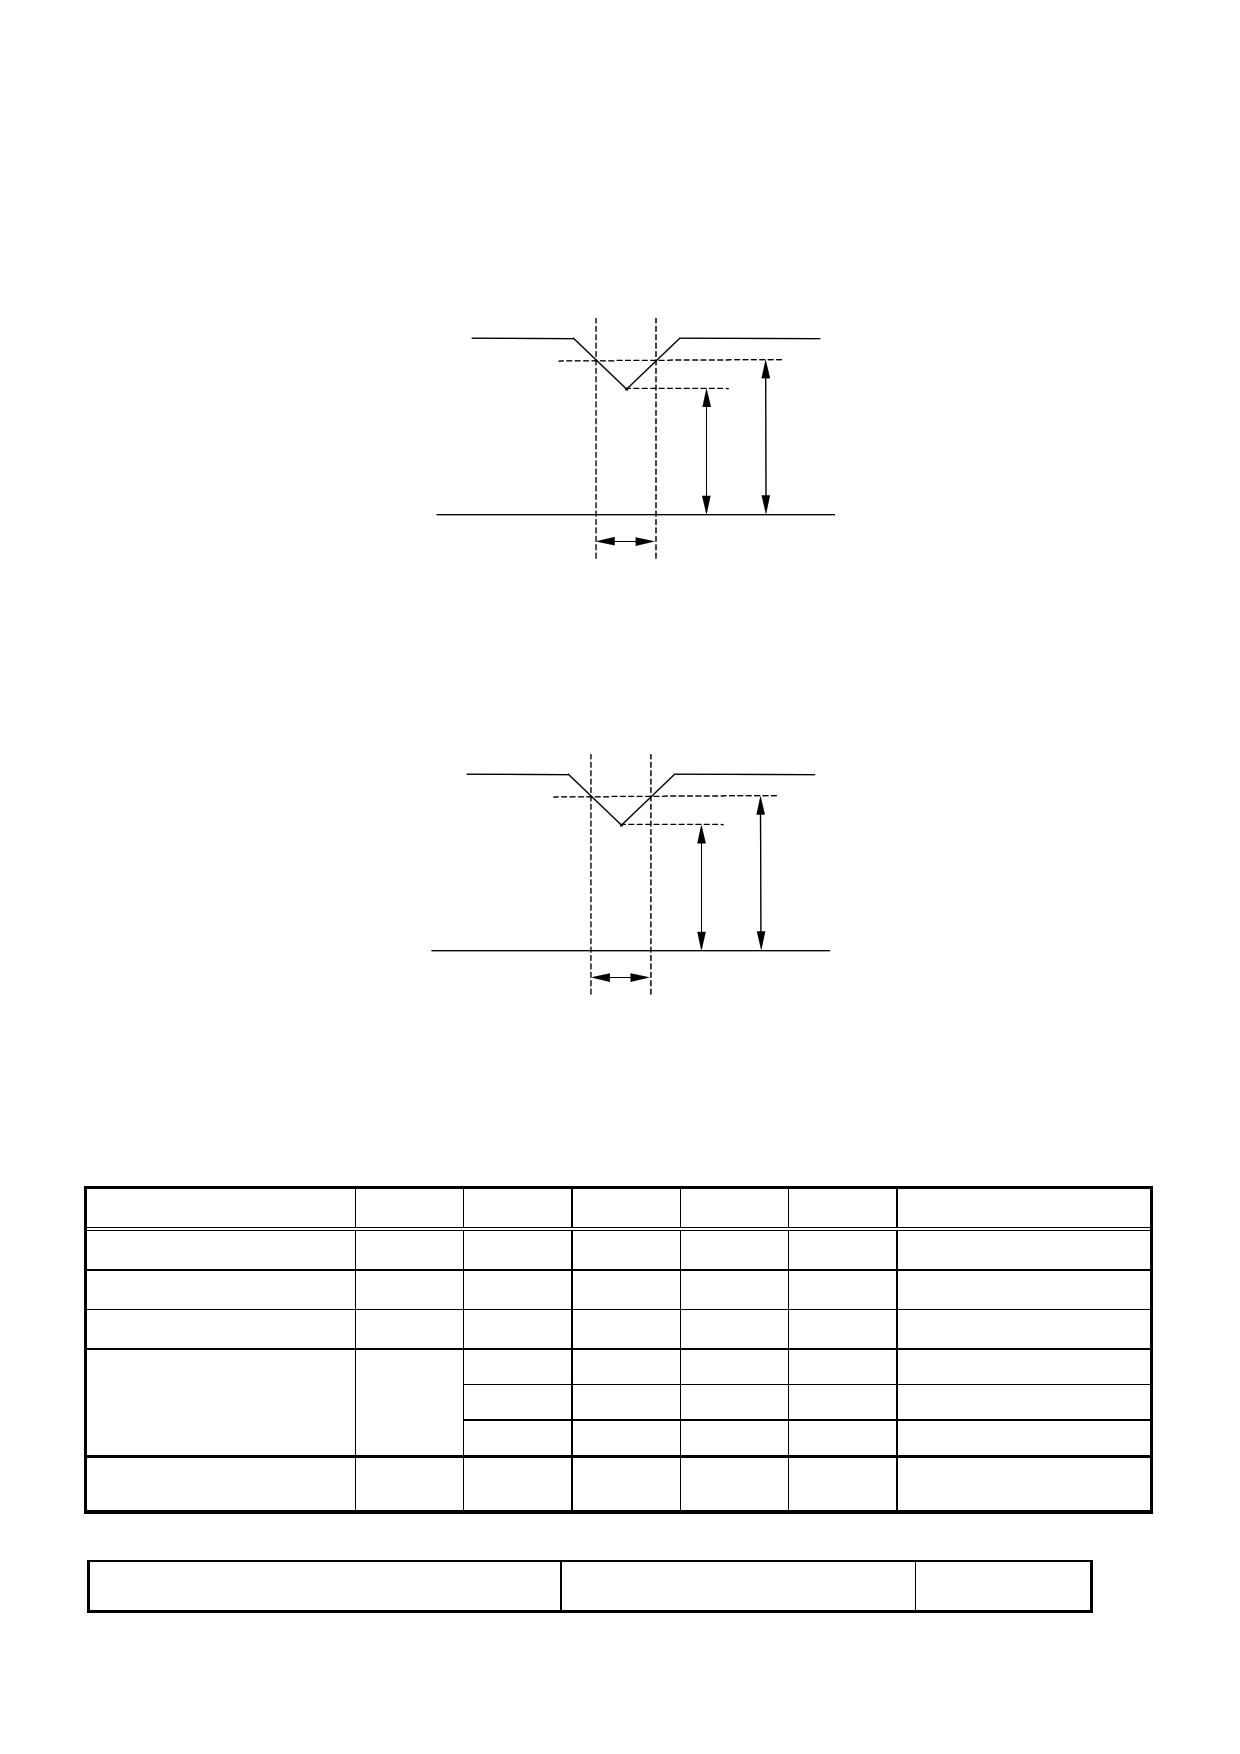 T-51513D104JU-FW-A-AC pdf